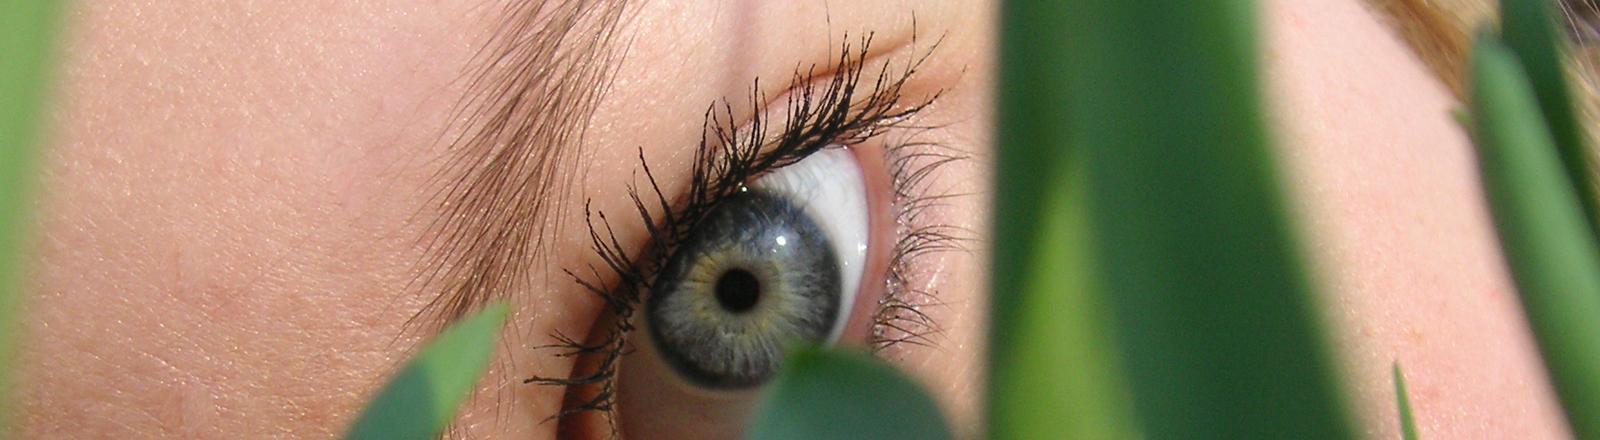 Frau mit weit geöffnetem Auge schaut durch Pflanzenhalme hindurch